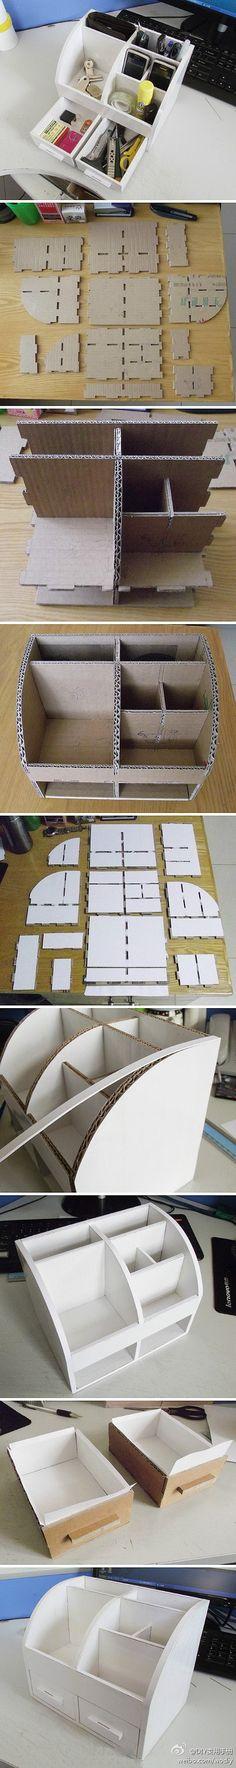 Organizador de escritorio de cartón | Bueno, bonito y barato